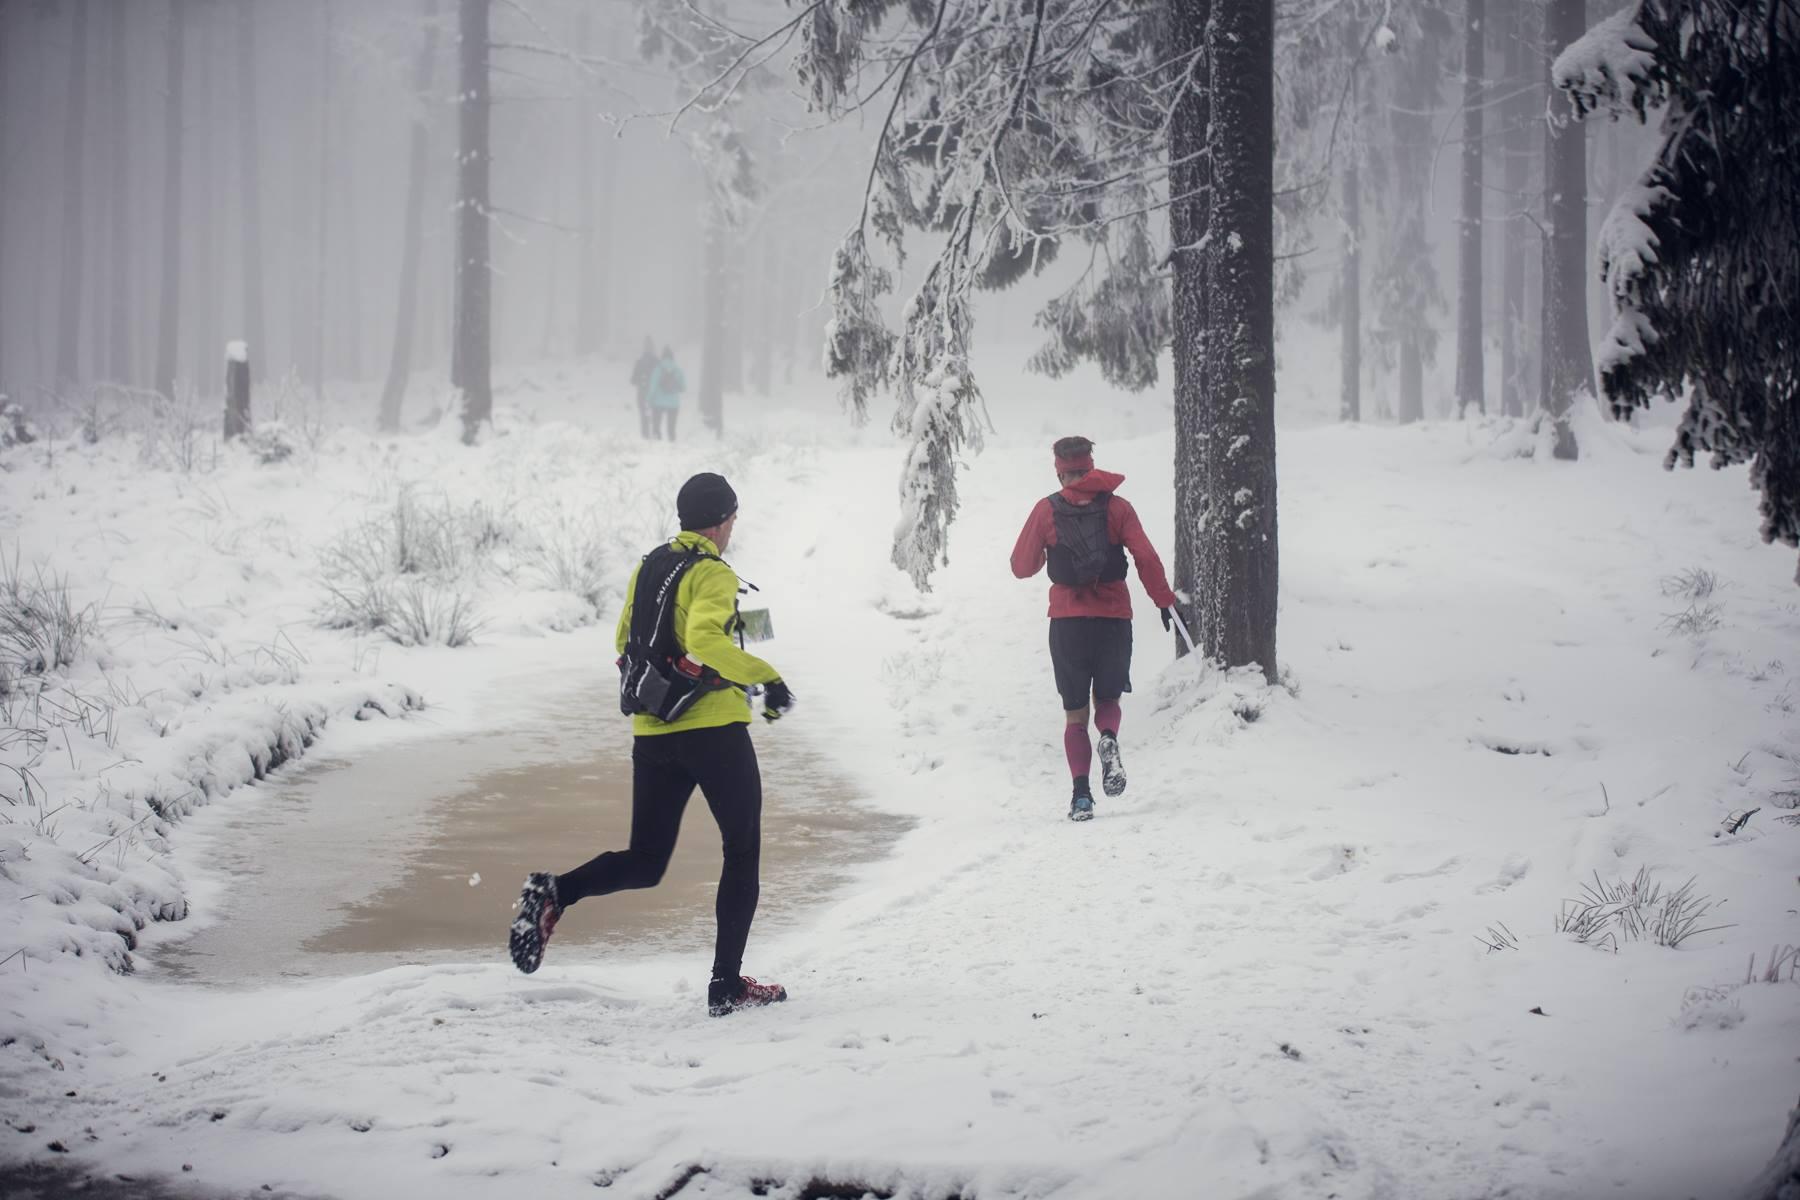 Krzysiek i jego specjalność - krótkie gacie, gdy na dworze śnieg i mróz. Fot. Ostre Kadry